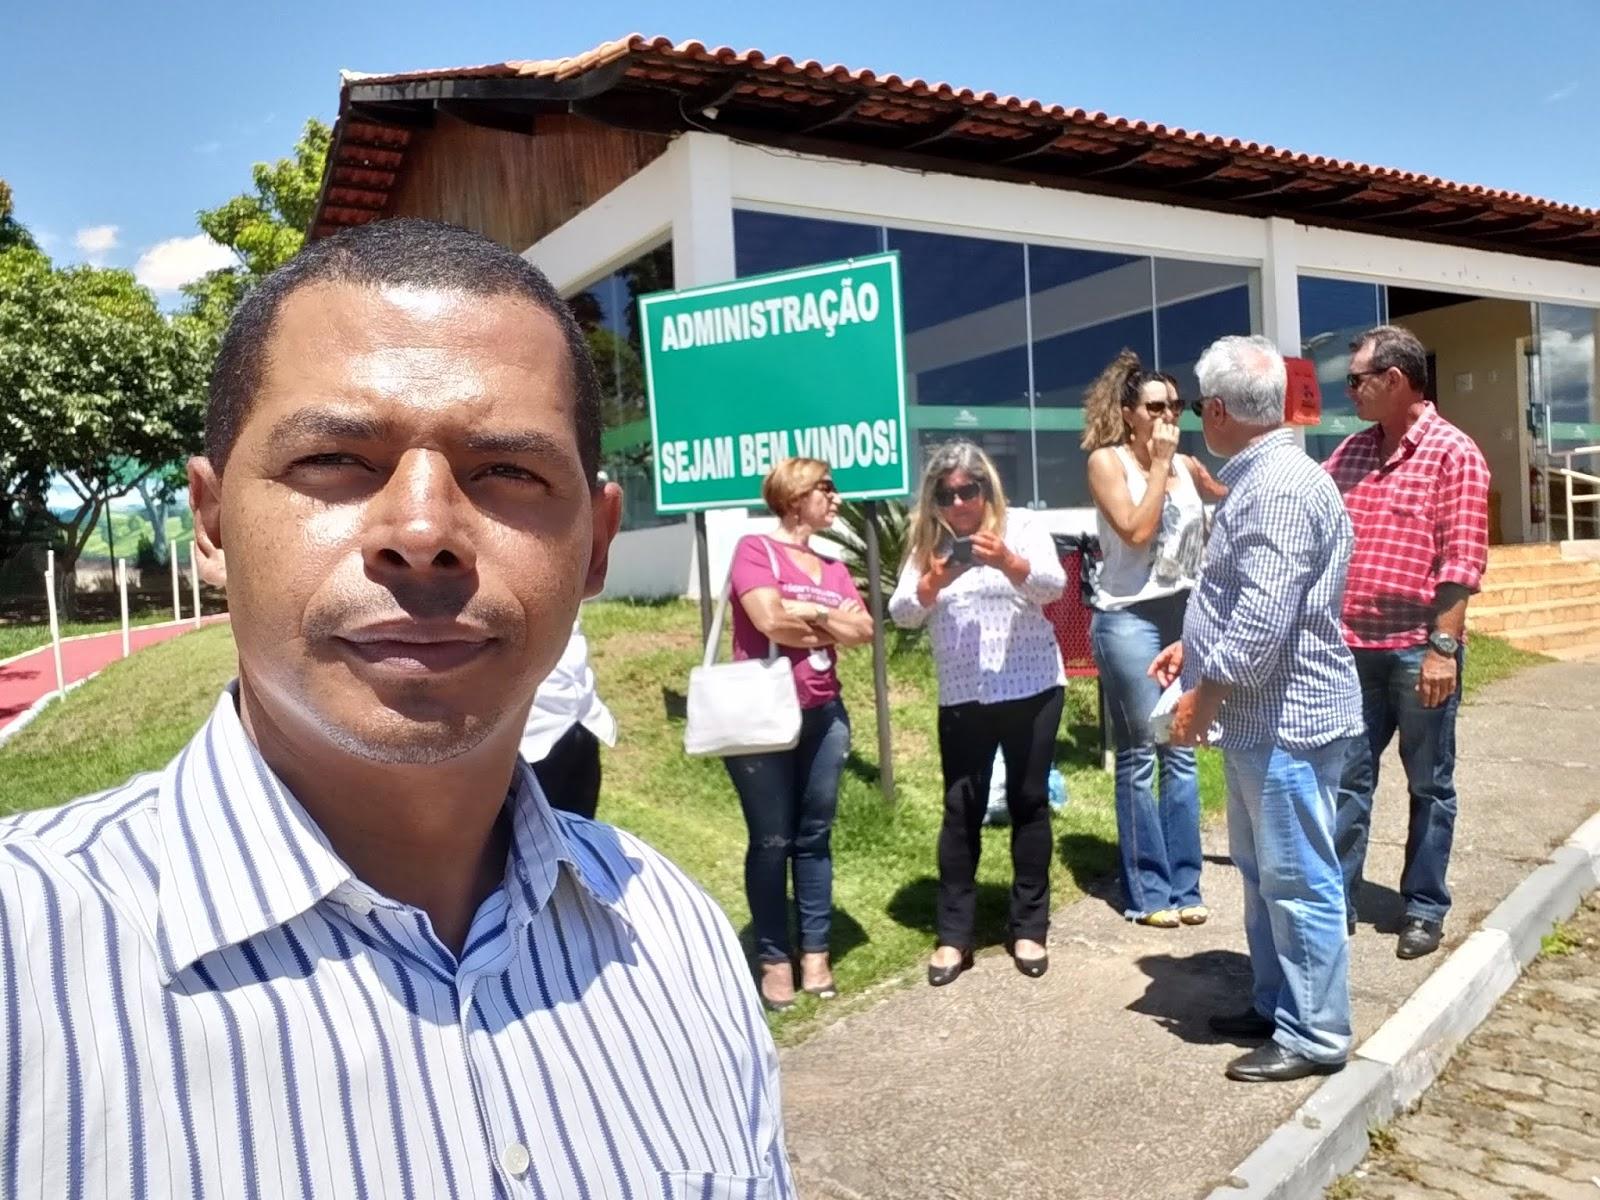 20190114 115409 - O administrador regional do Jardim Botânico, João Carlos Lóssio lançou, nesta segunda feira, ações de limpeza nas ruas que acontecerão de 14 a 16 de janeiro de 2019. SOS DF